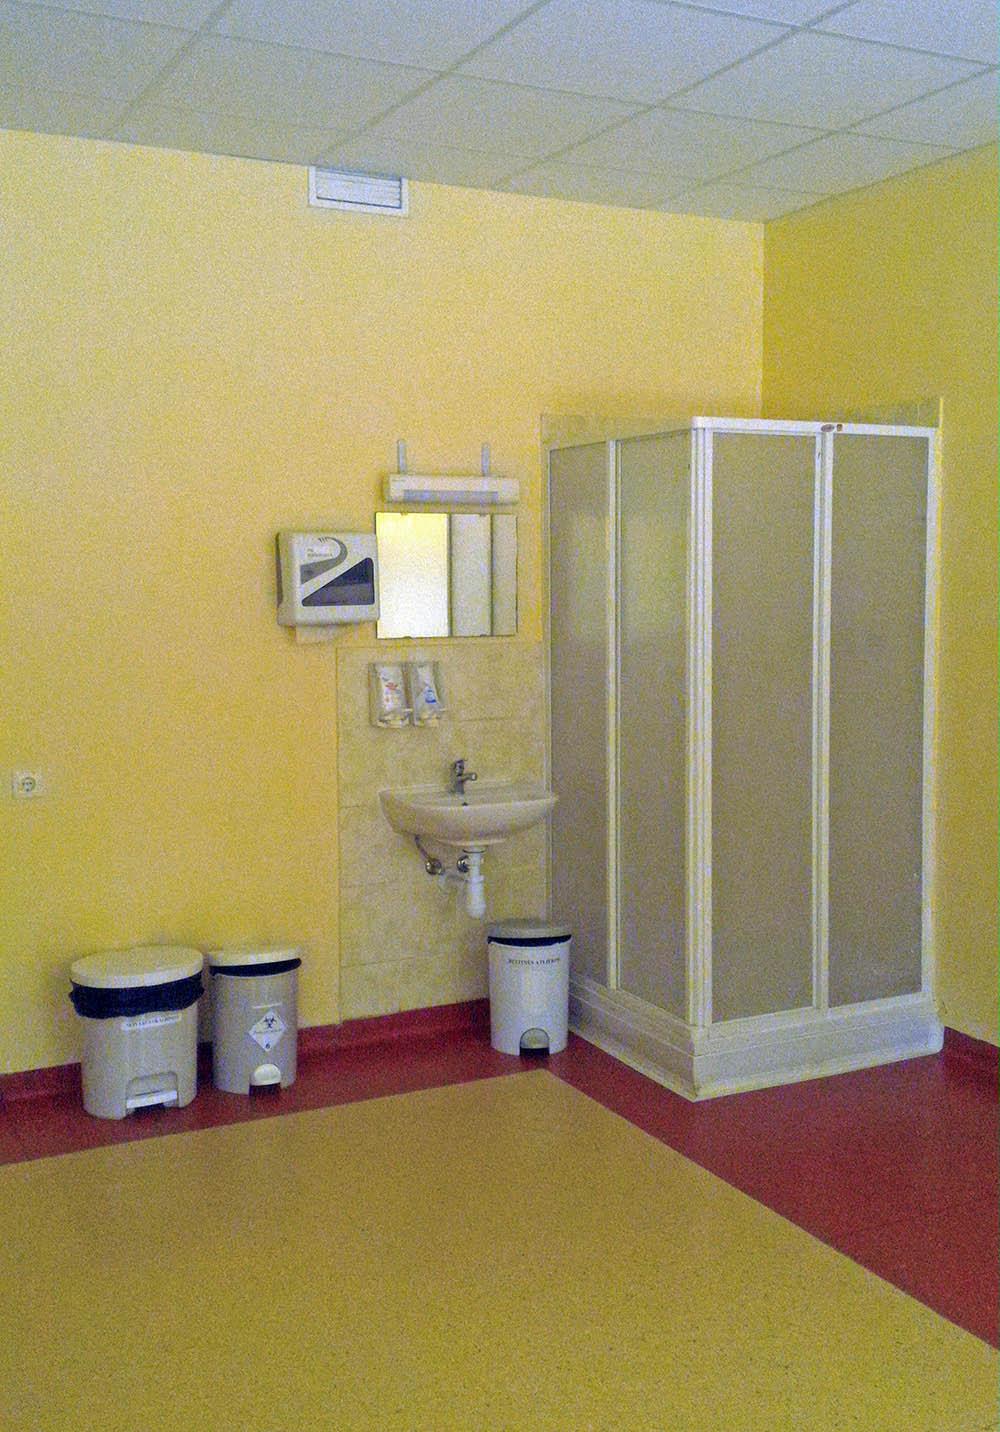 В родовых палатах есть душ — считается, что вода способствует расслаблению